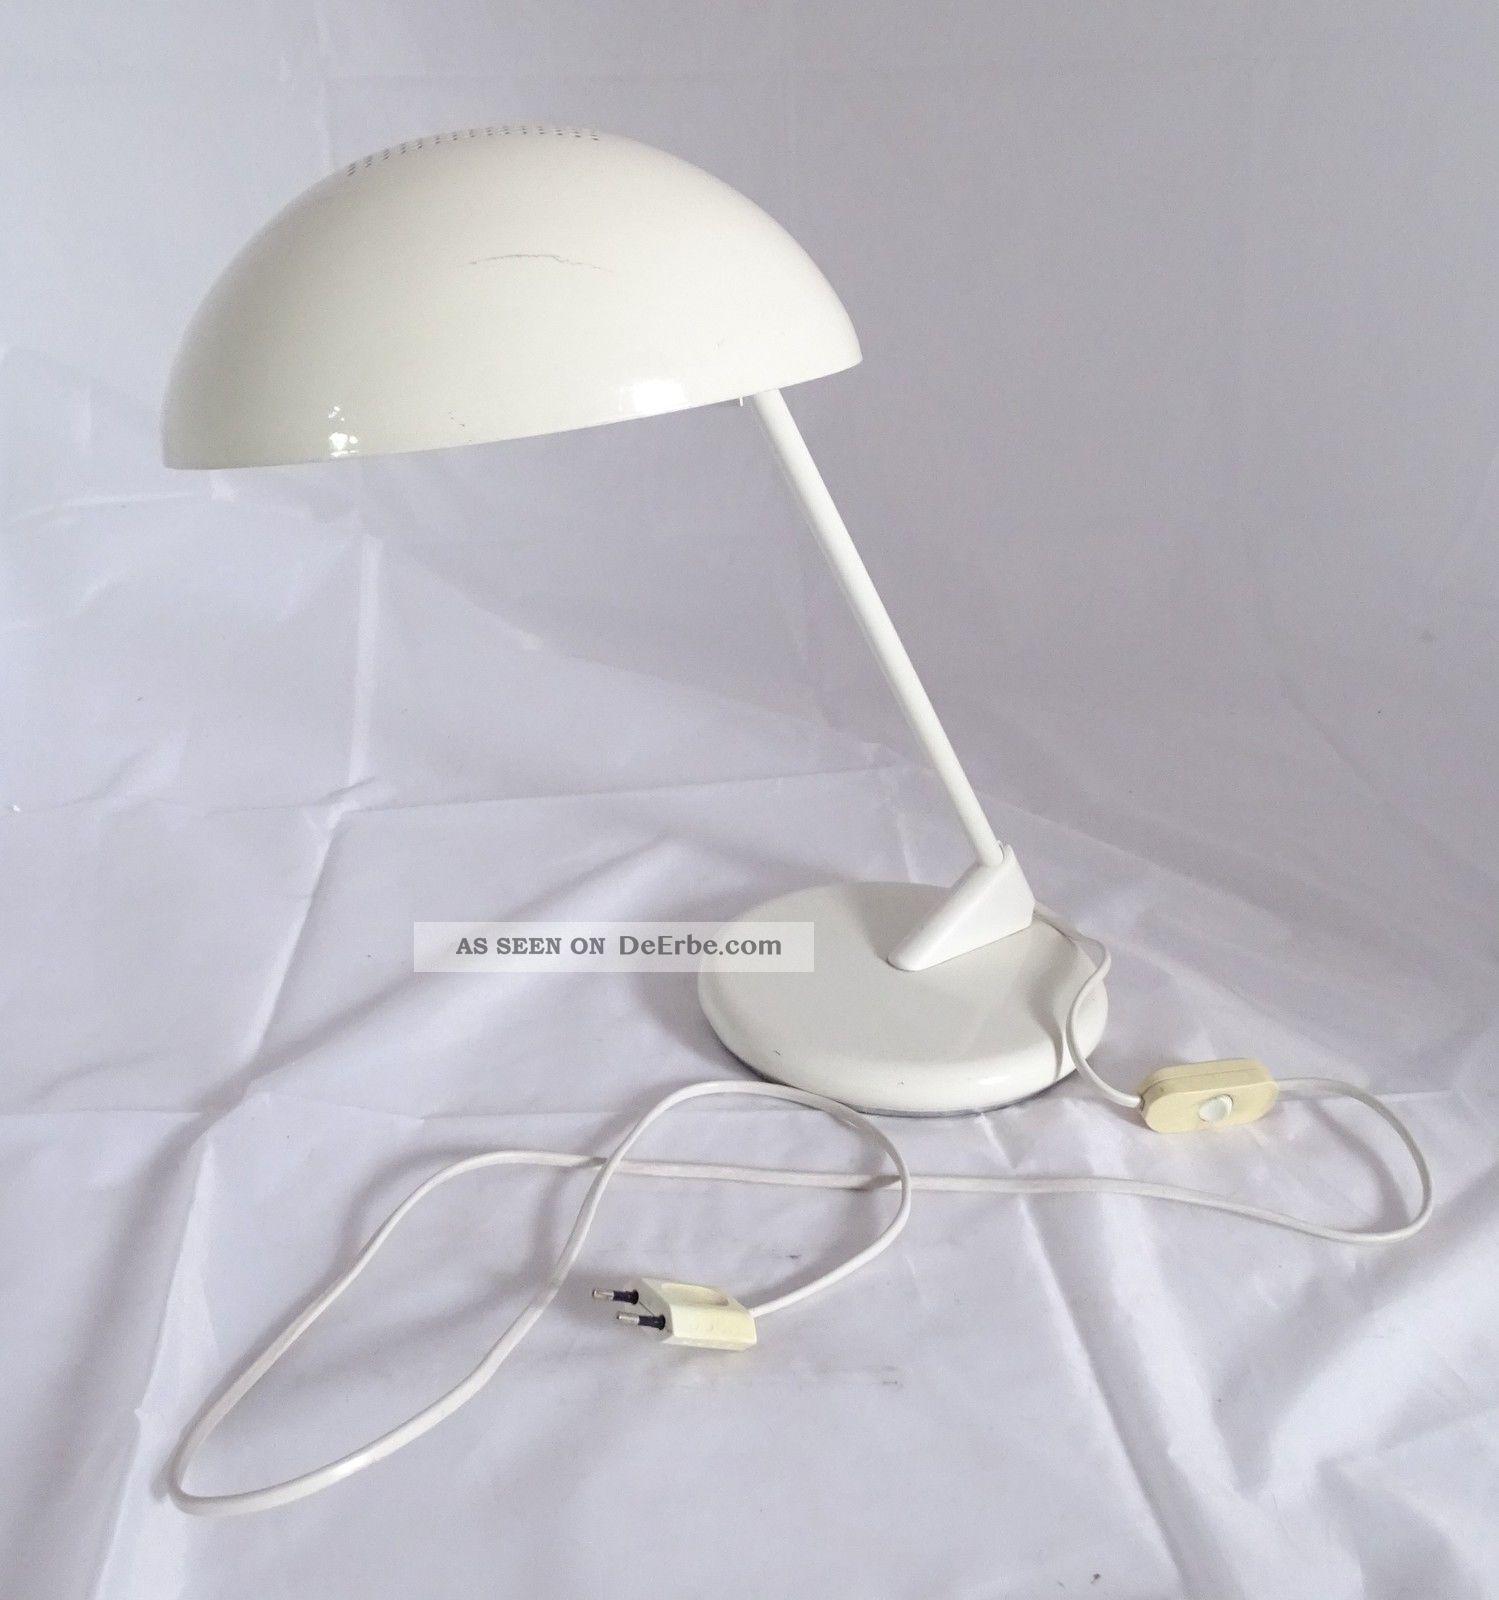 Tisch Vintage Chic Italian Seneca Design Ära Shabby Lampe Panton cKF1Jl